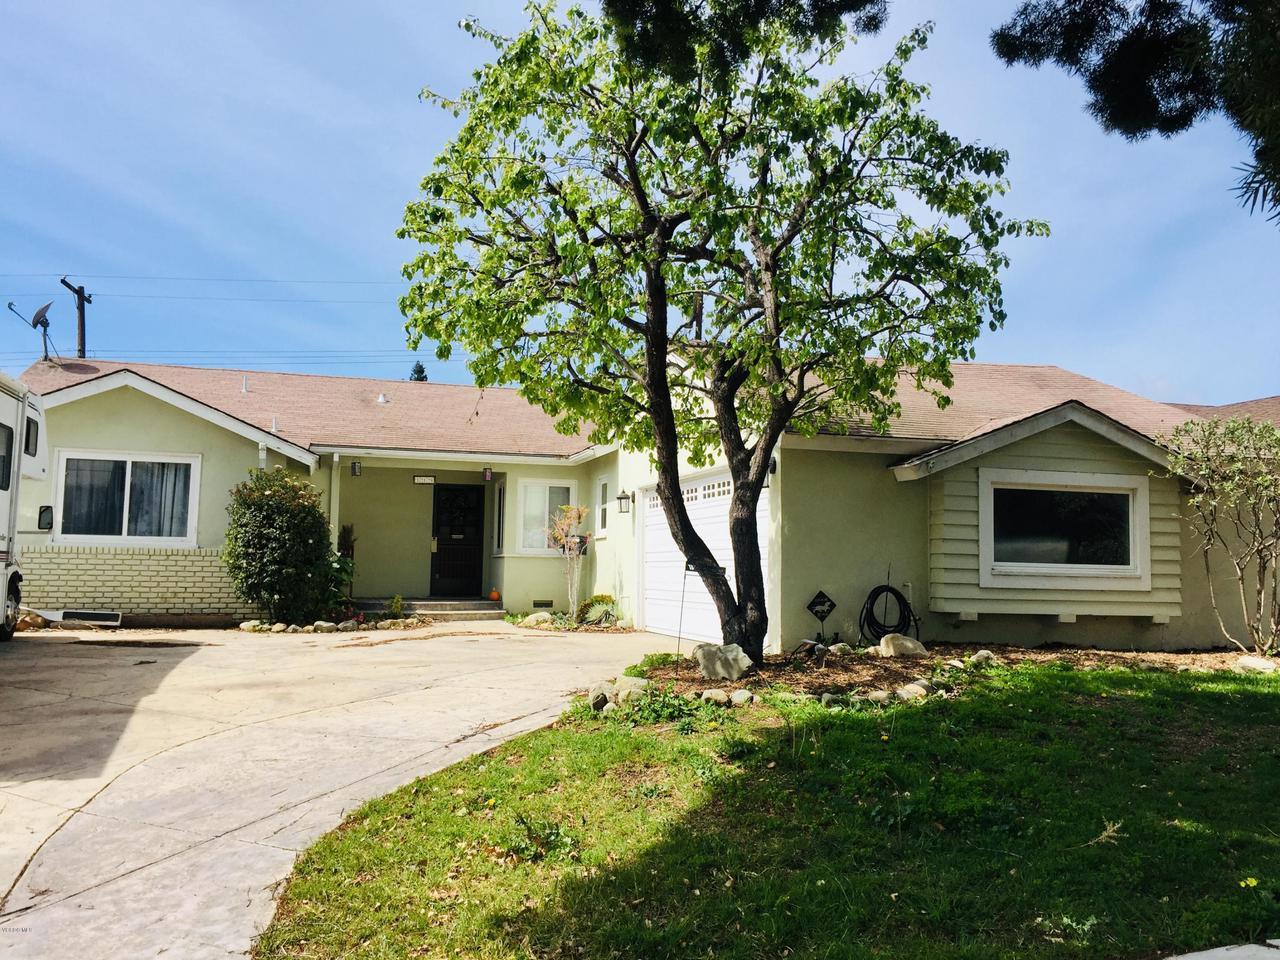 119 BUCKNELL, Ventura, CA 93003 - Bucknell